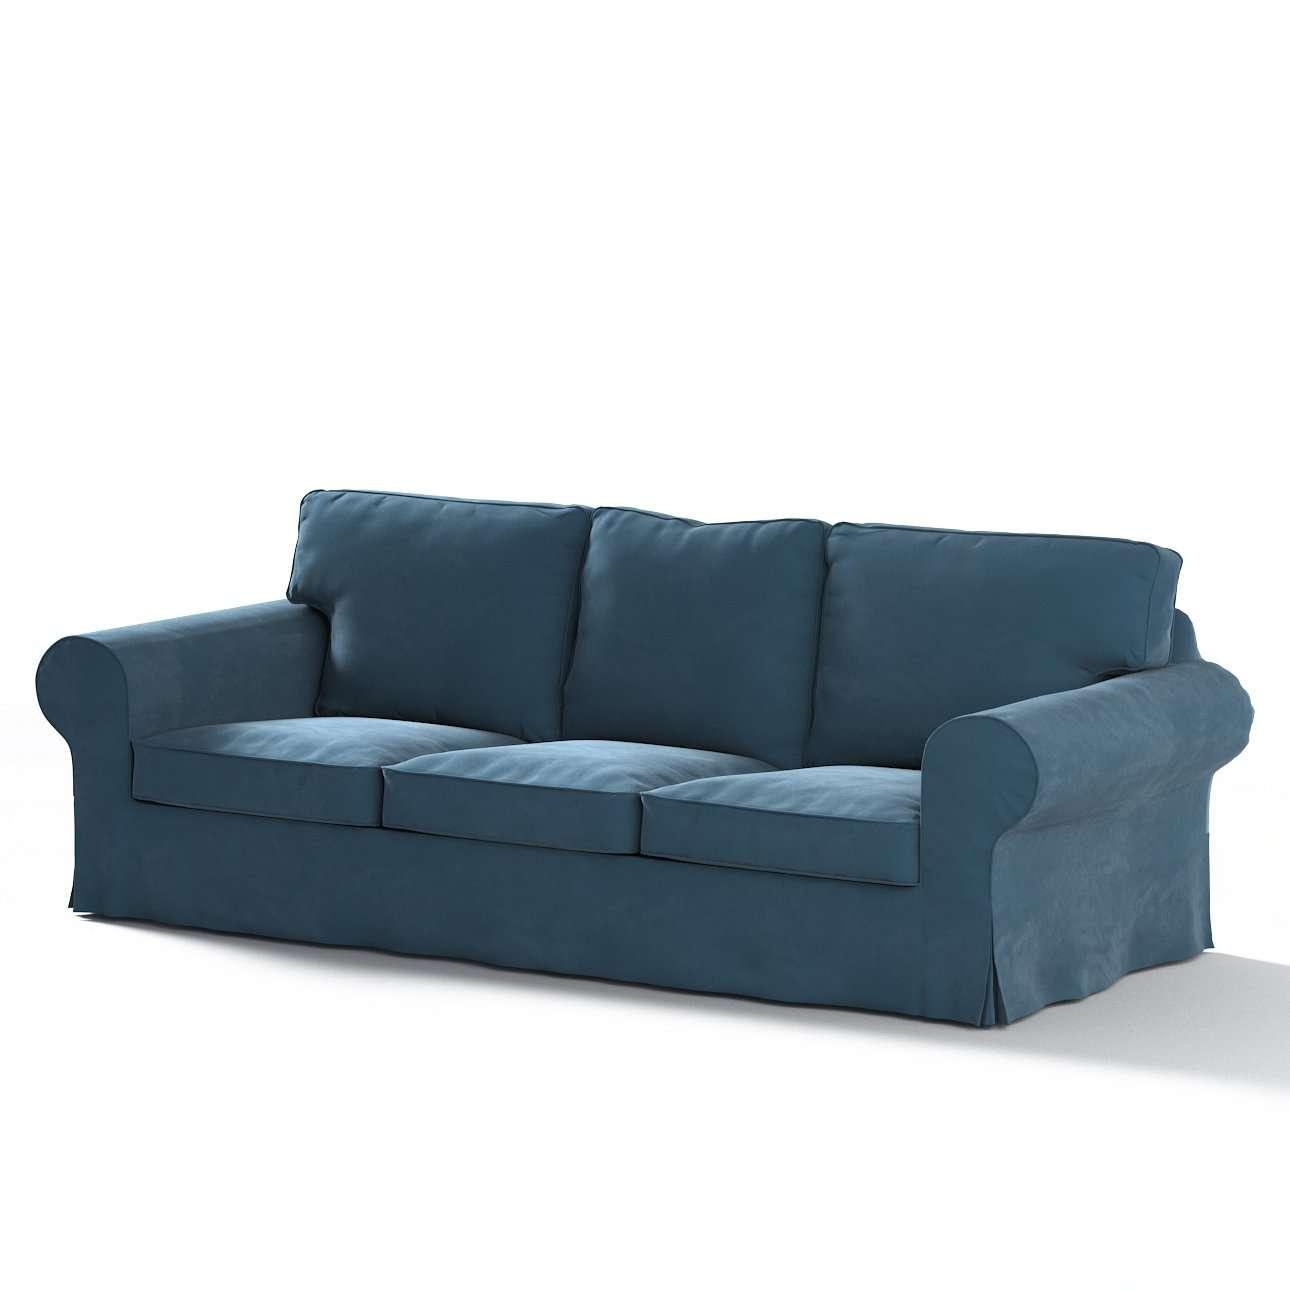 Pokrowiec na sofę Ektorp 3-osobową, rozkładaną, PIXBO w kolekcji Velvet, tkanina: 704-16